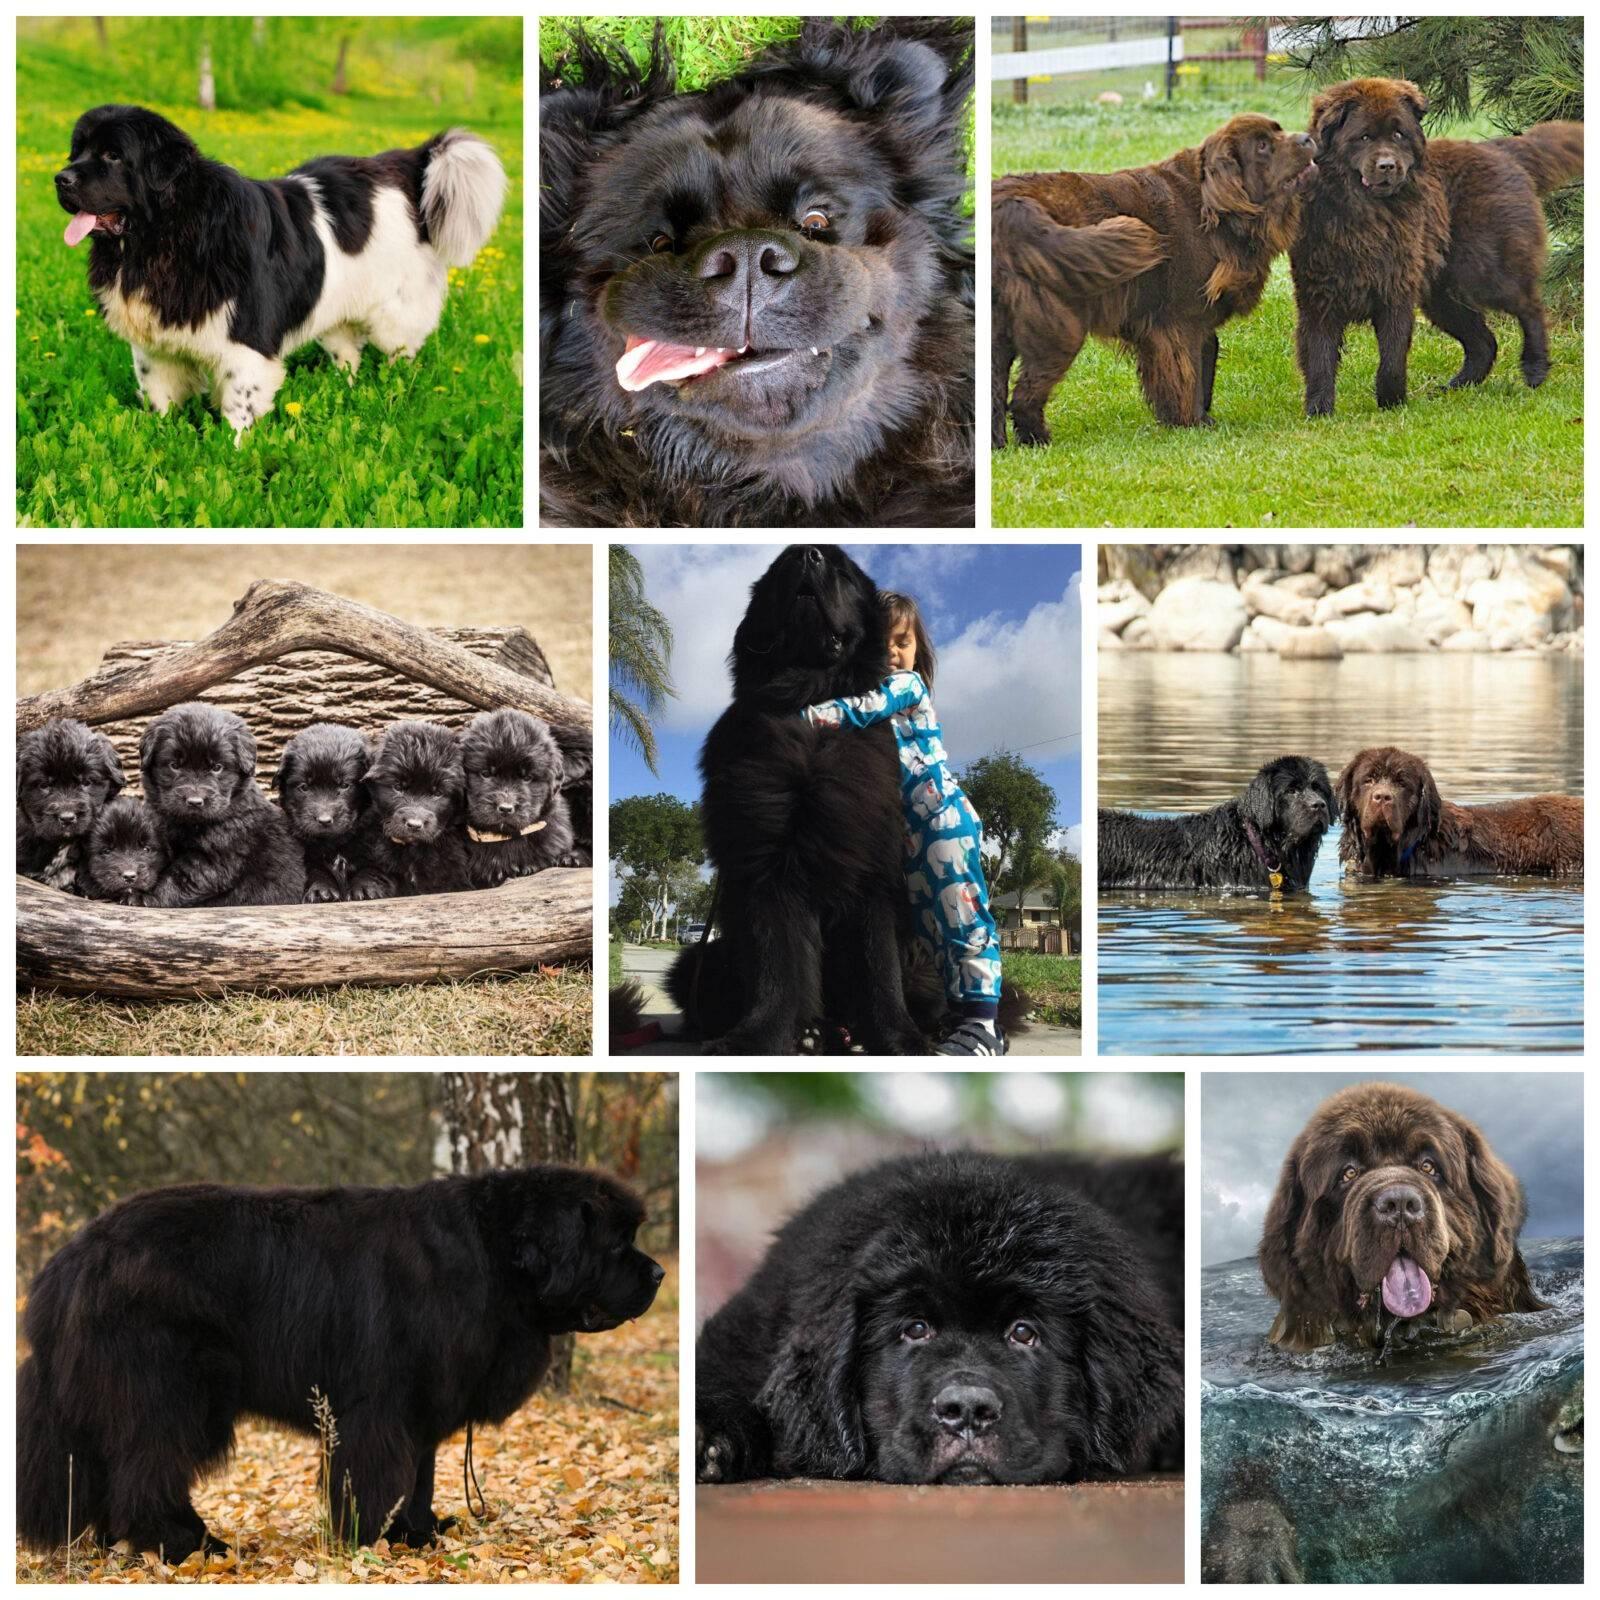 Ньюфаундленд — описание породы, характер пса и уход за породой (130 фото и видео)